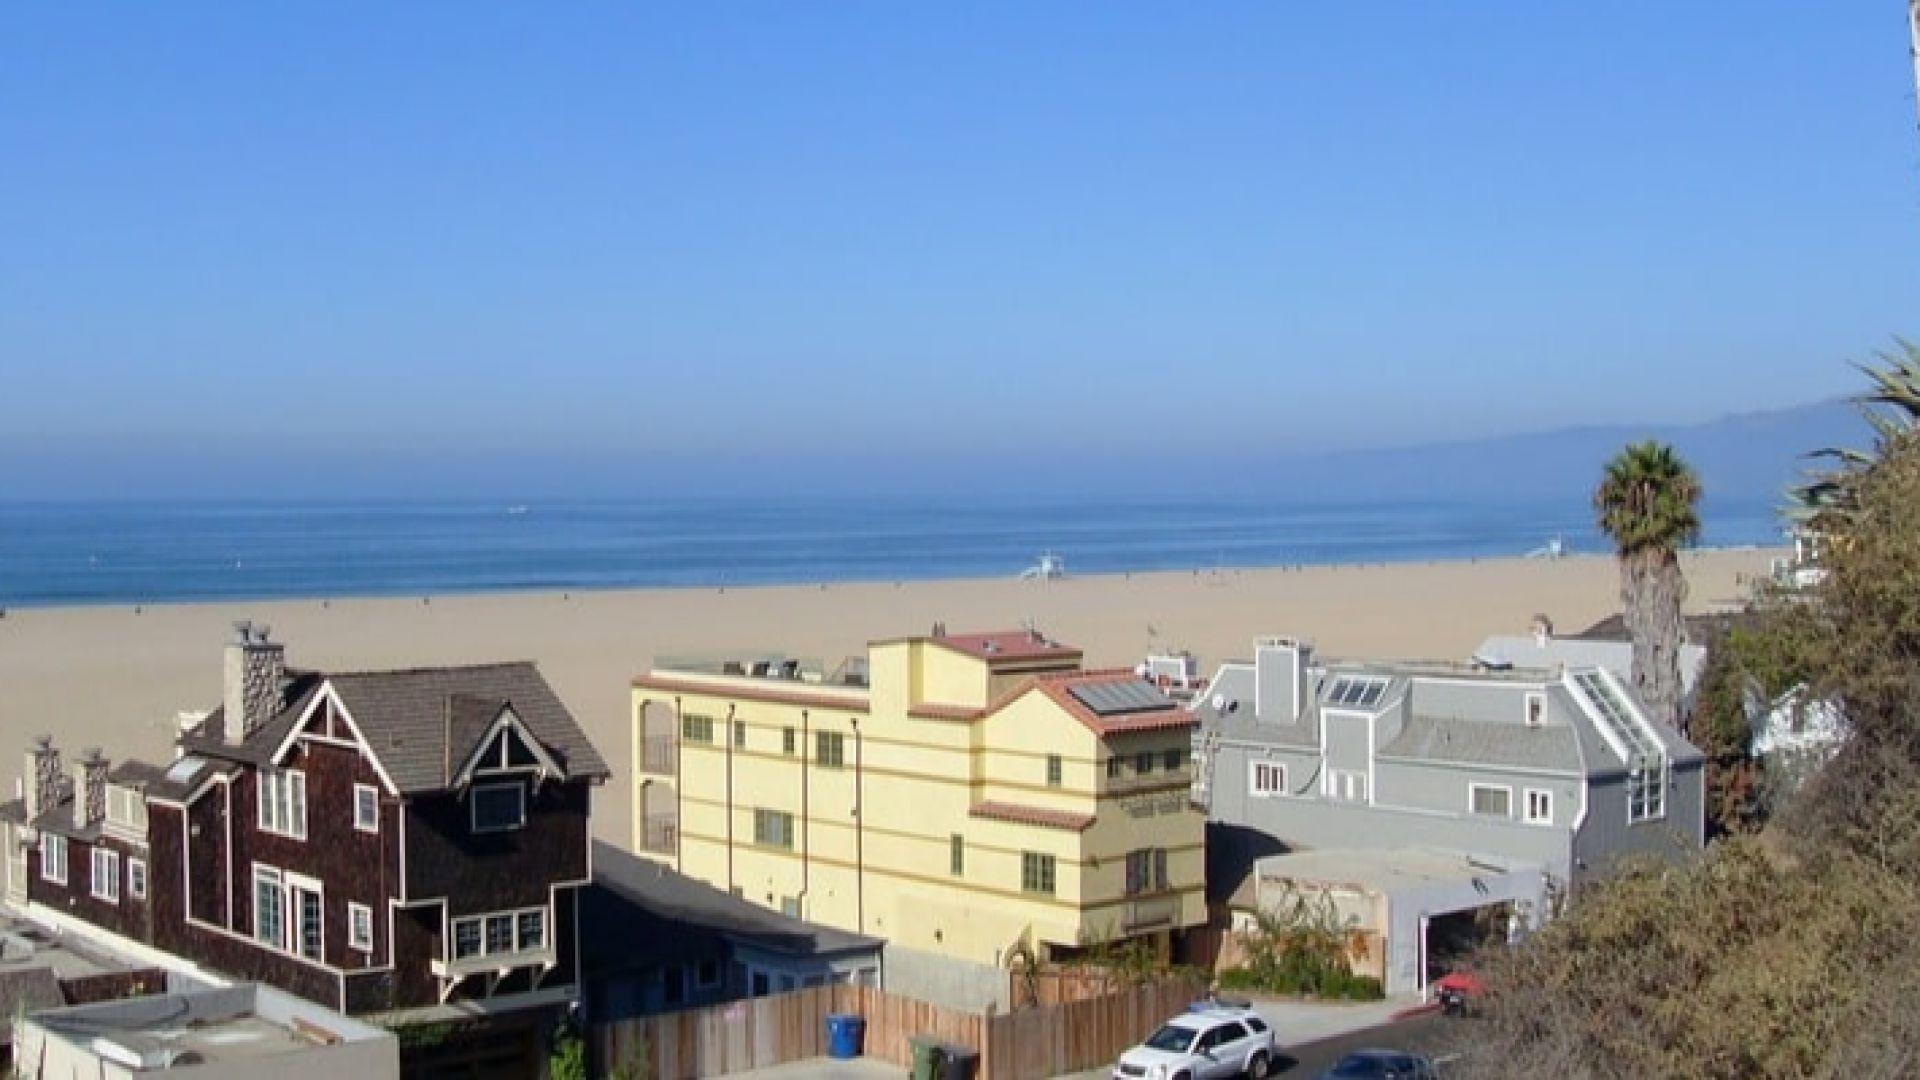 Милиардер иска да раздели Калифорния на 3 щата